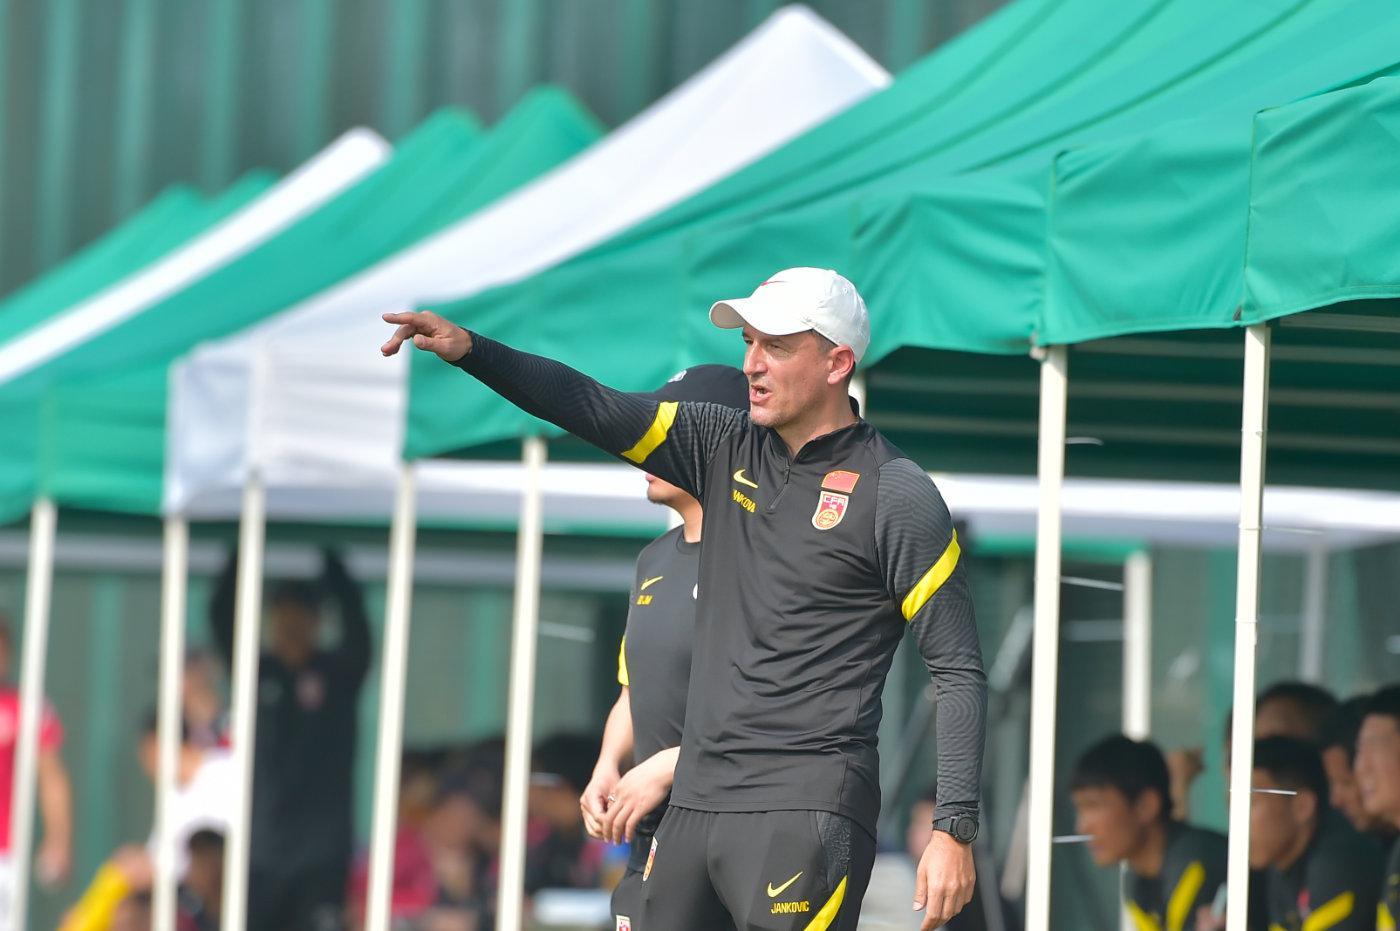 U22国足踢中甲遇双重困境 沙龙和球员利益皆受损